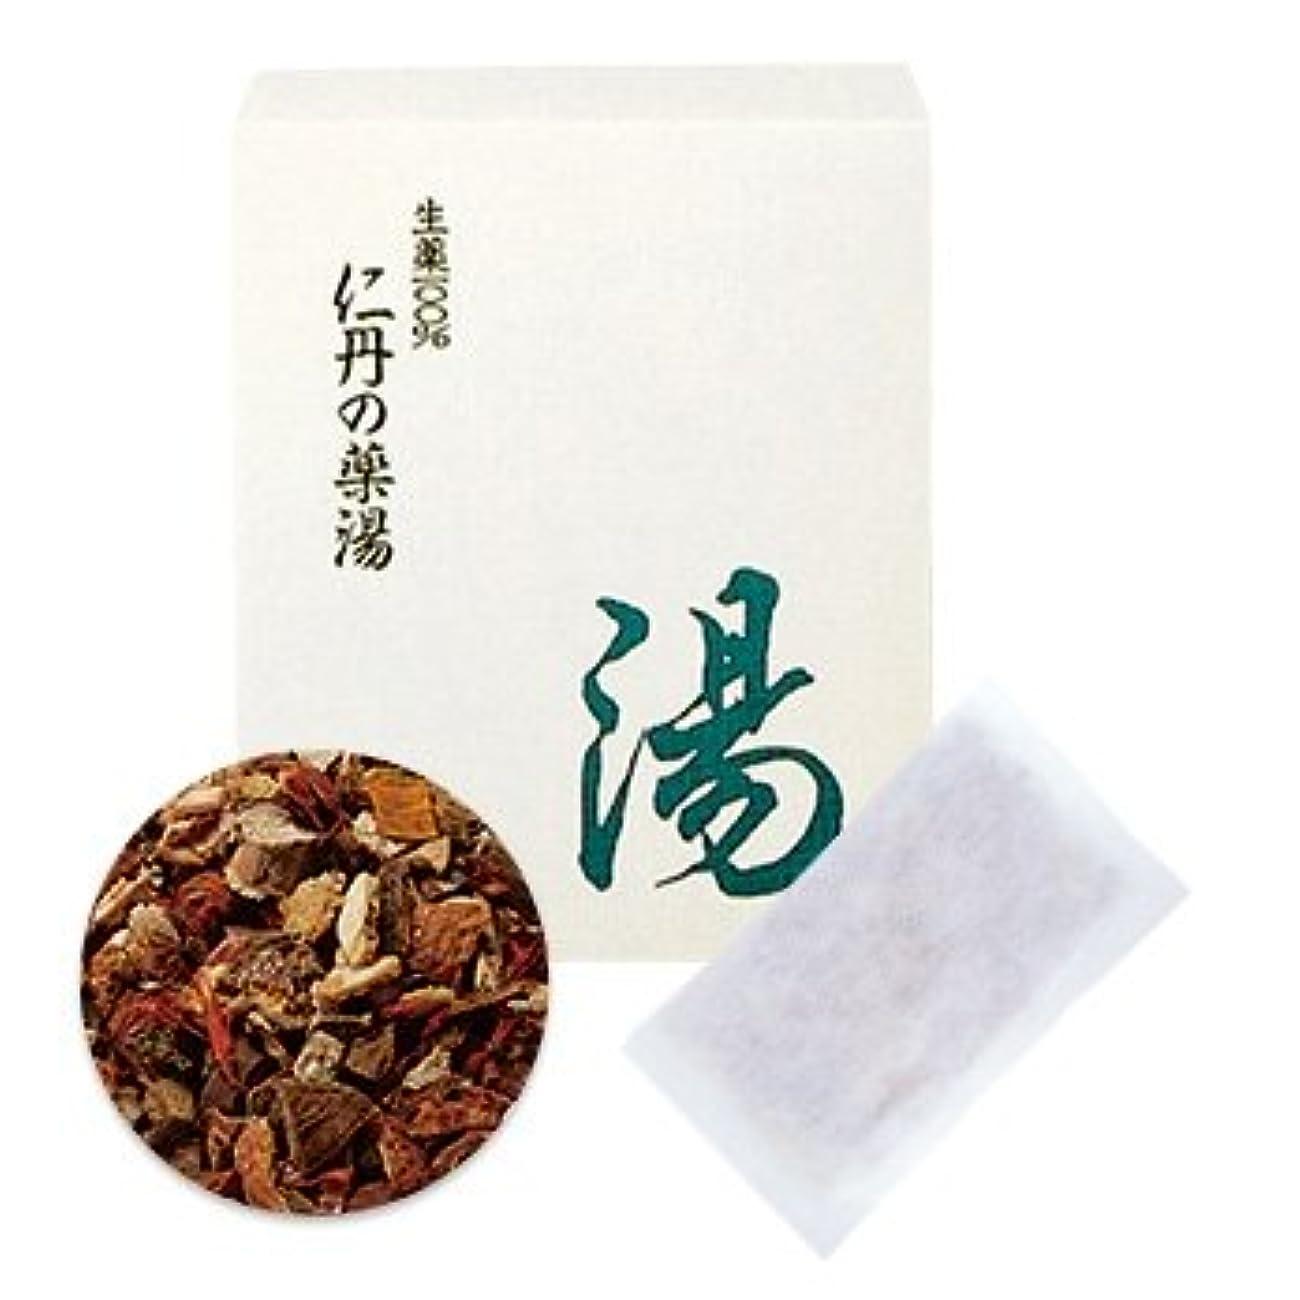 ハング競うびん森下仁丹 仁丹の薬湯(マイルド) 10包 医薬部外品